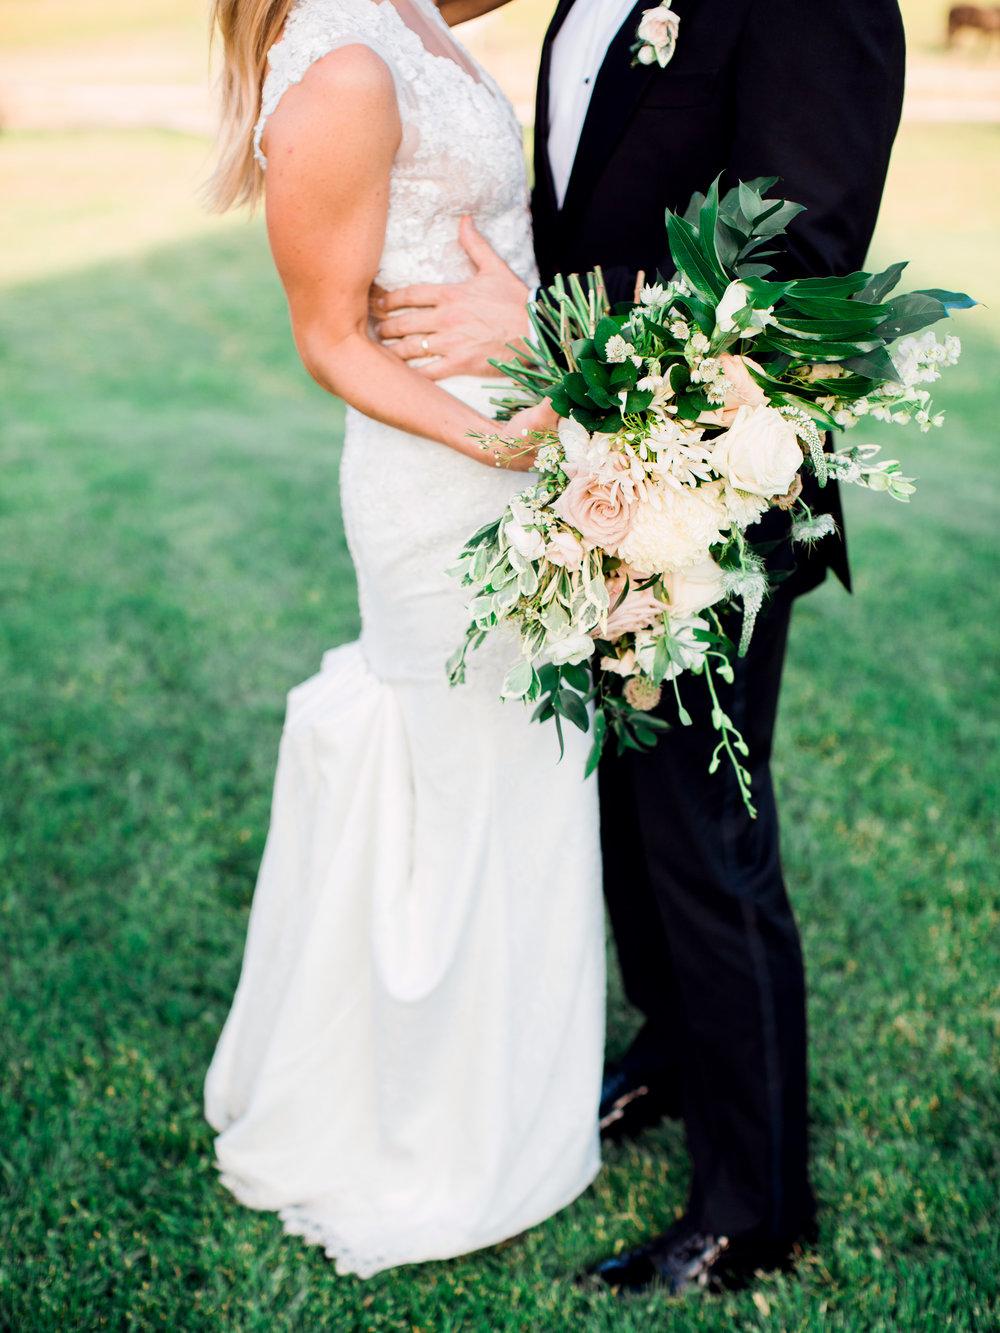 Tara_Bielecki_Photography_Brooke_Bryan_Wedding_497.jpg